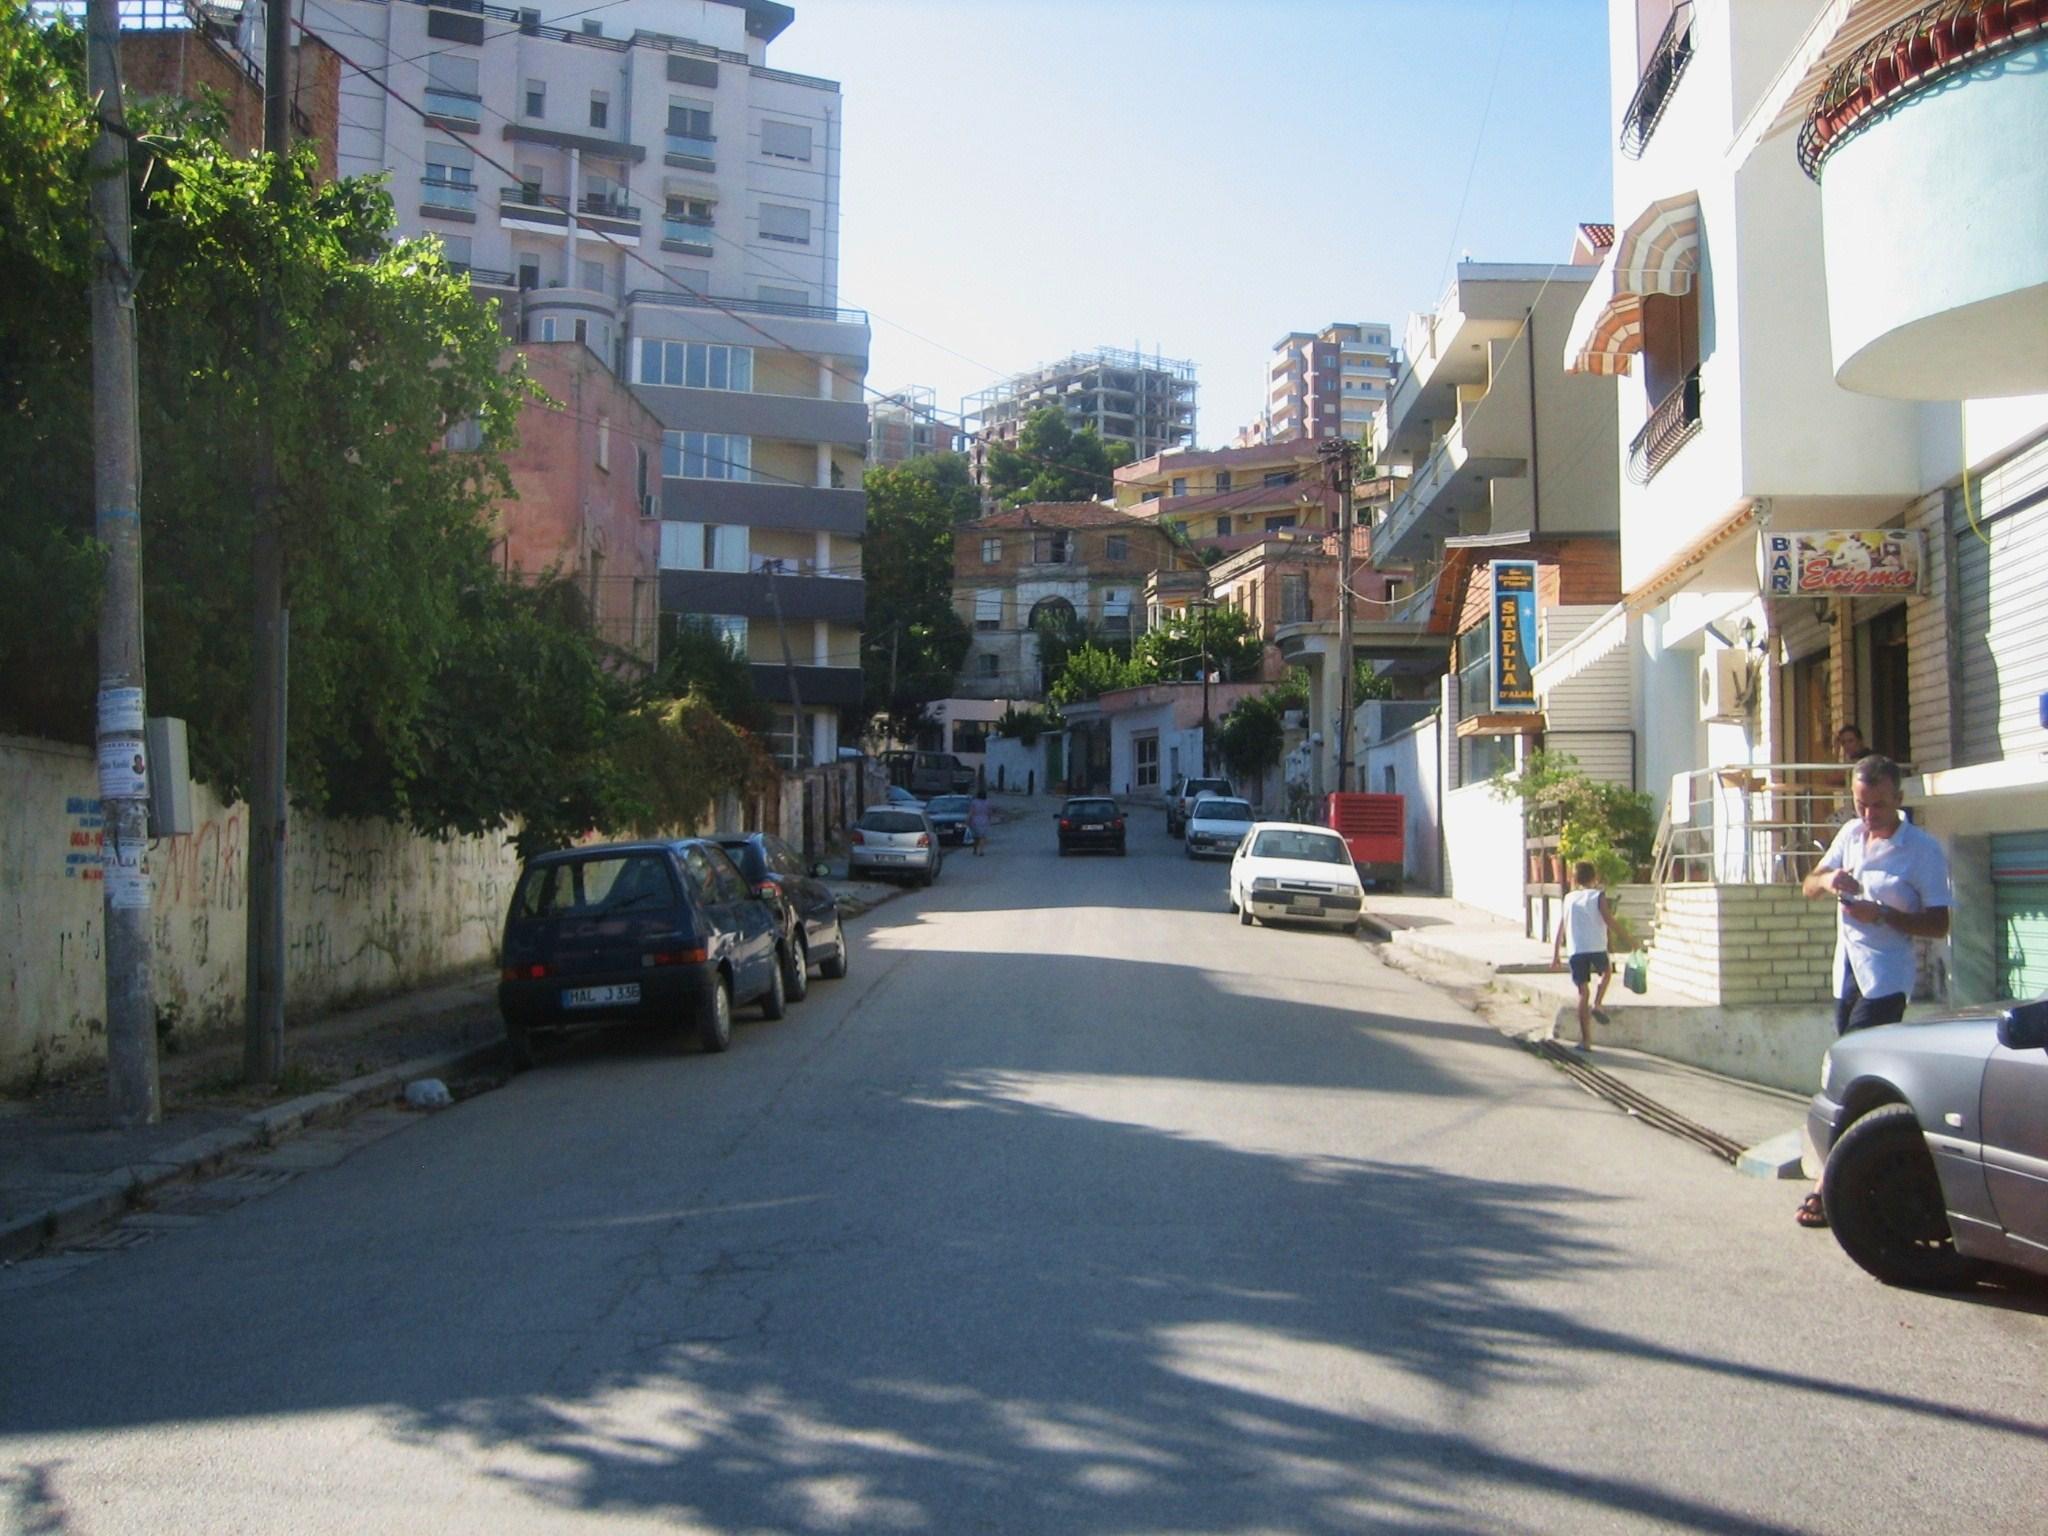 earthmapsfree2: streetview